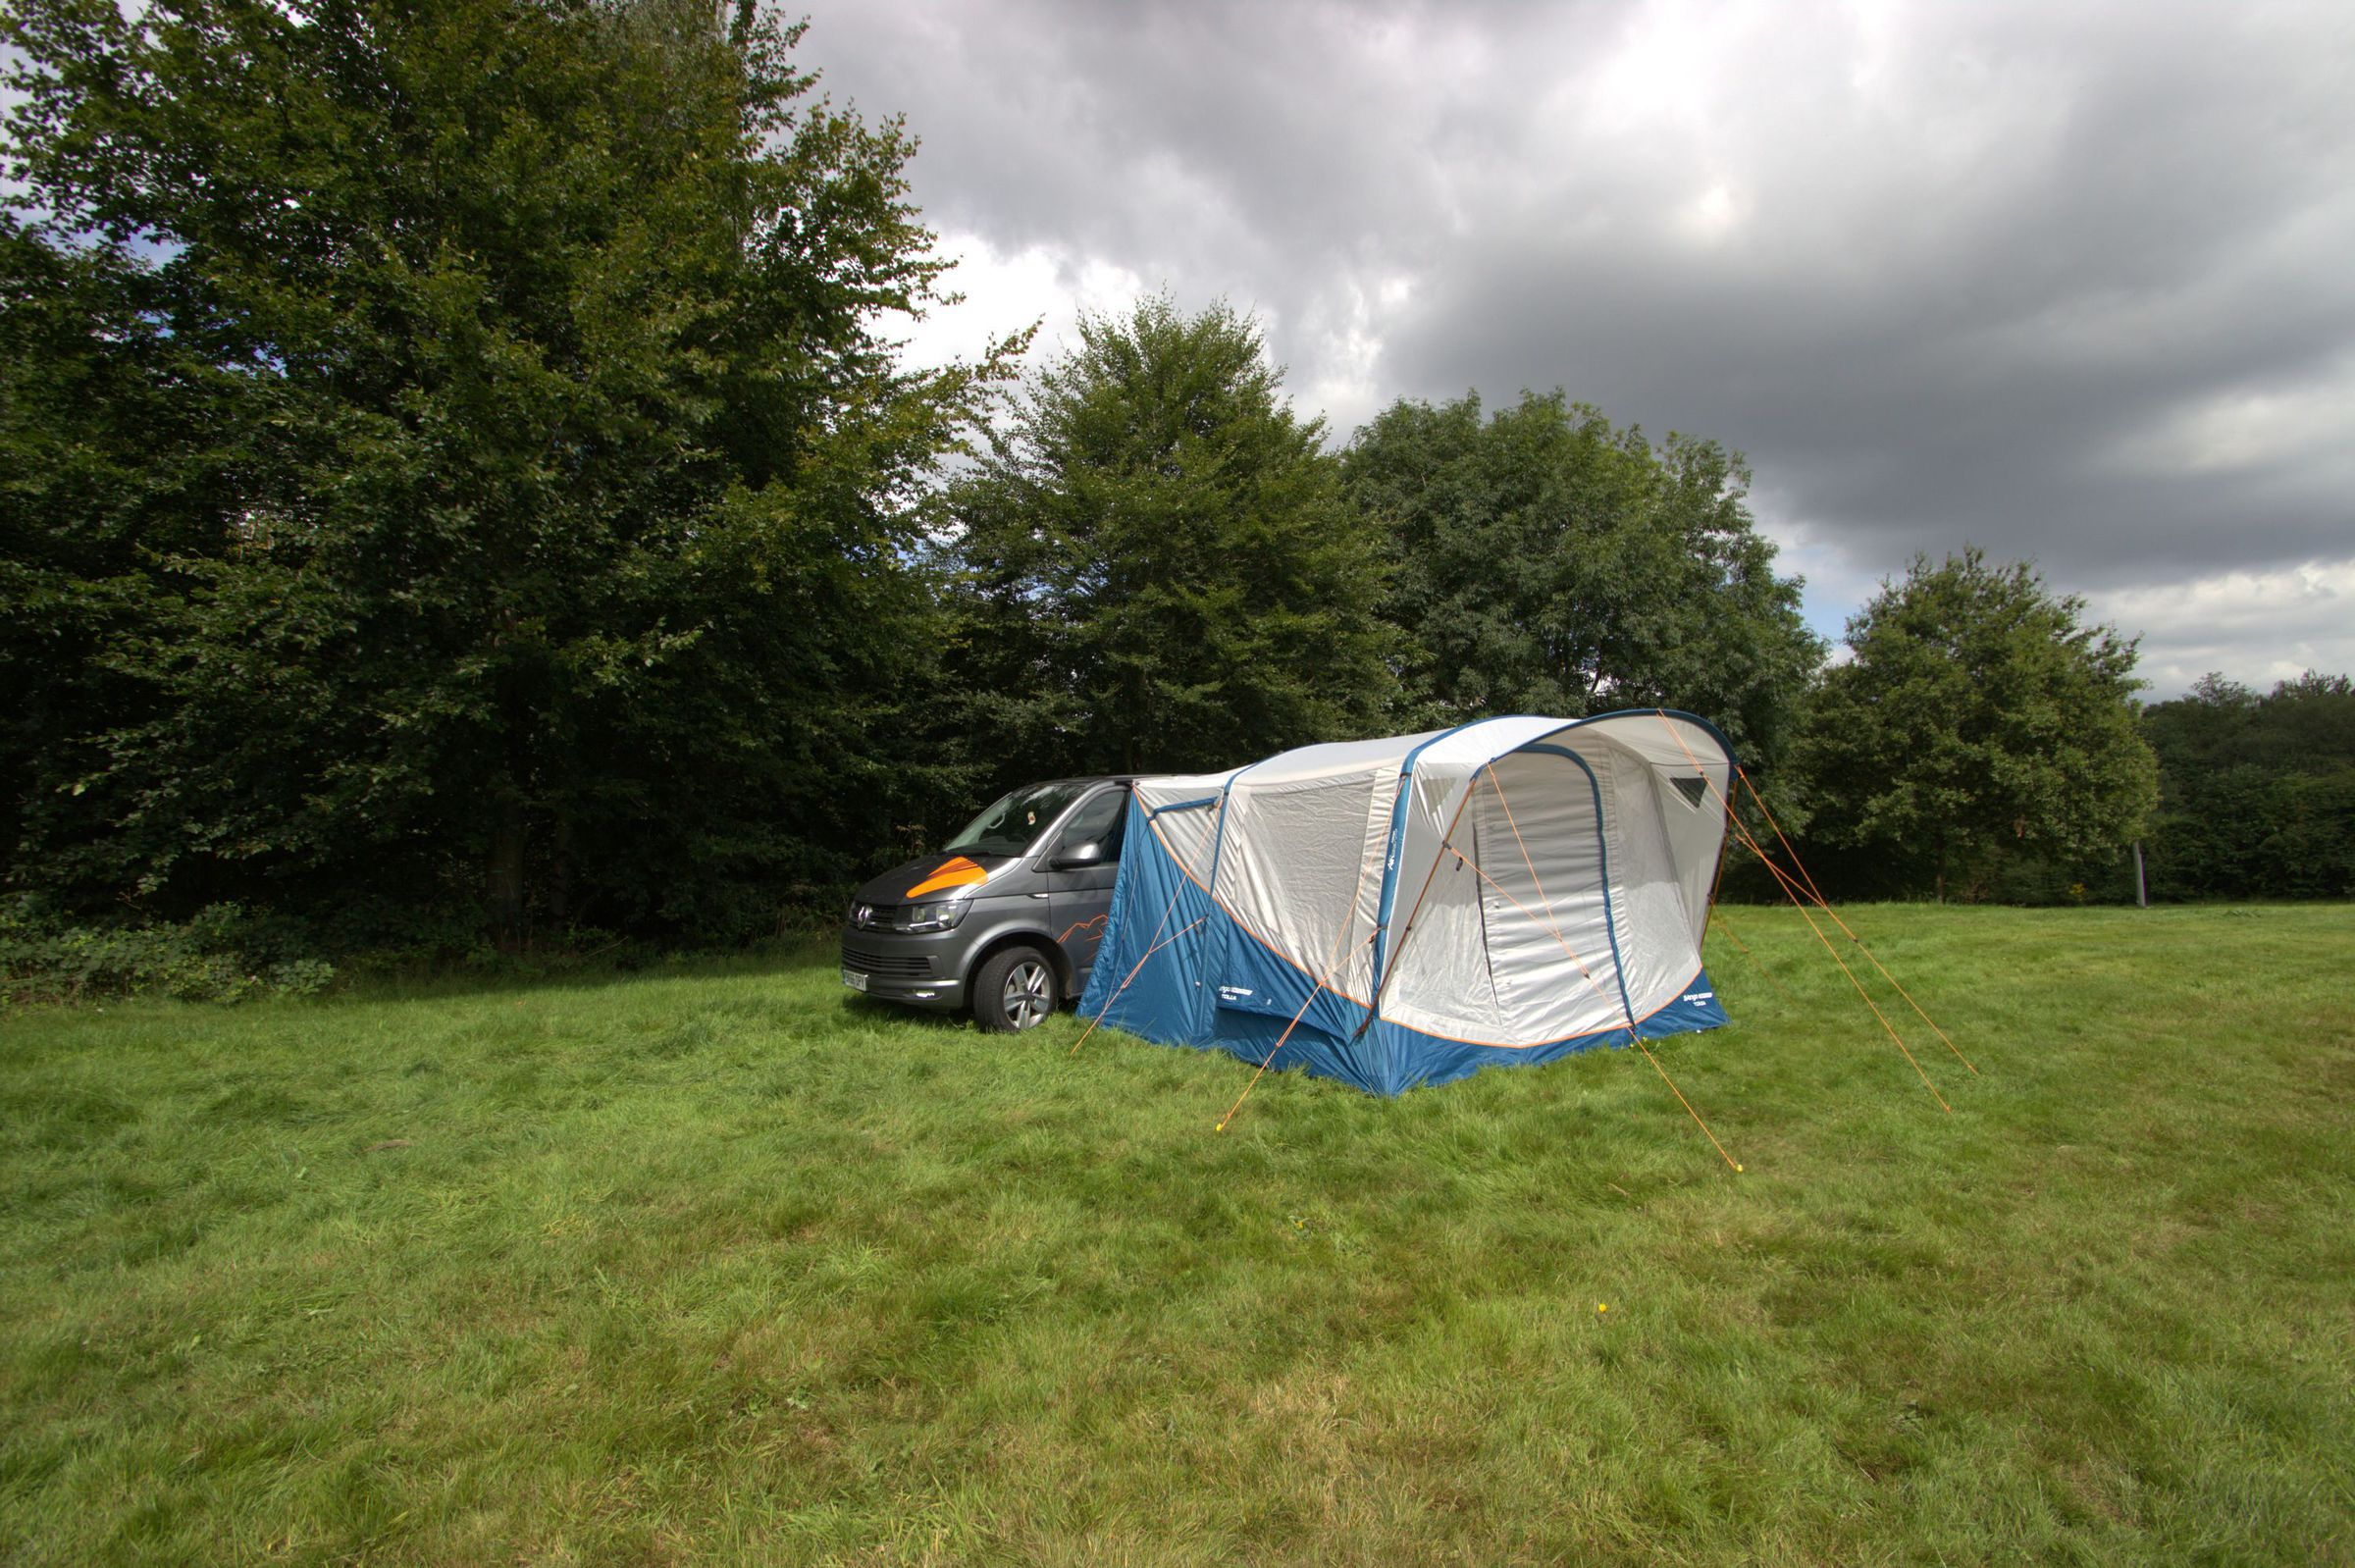 Vango Tolga Vw Low Driveaway Awning Norwich Camping13